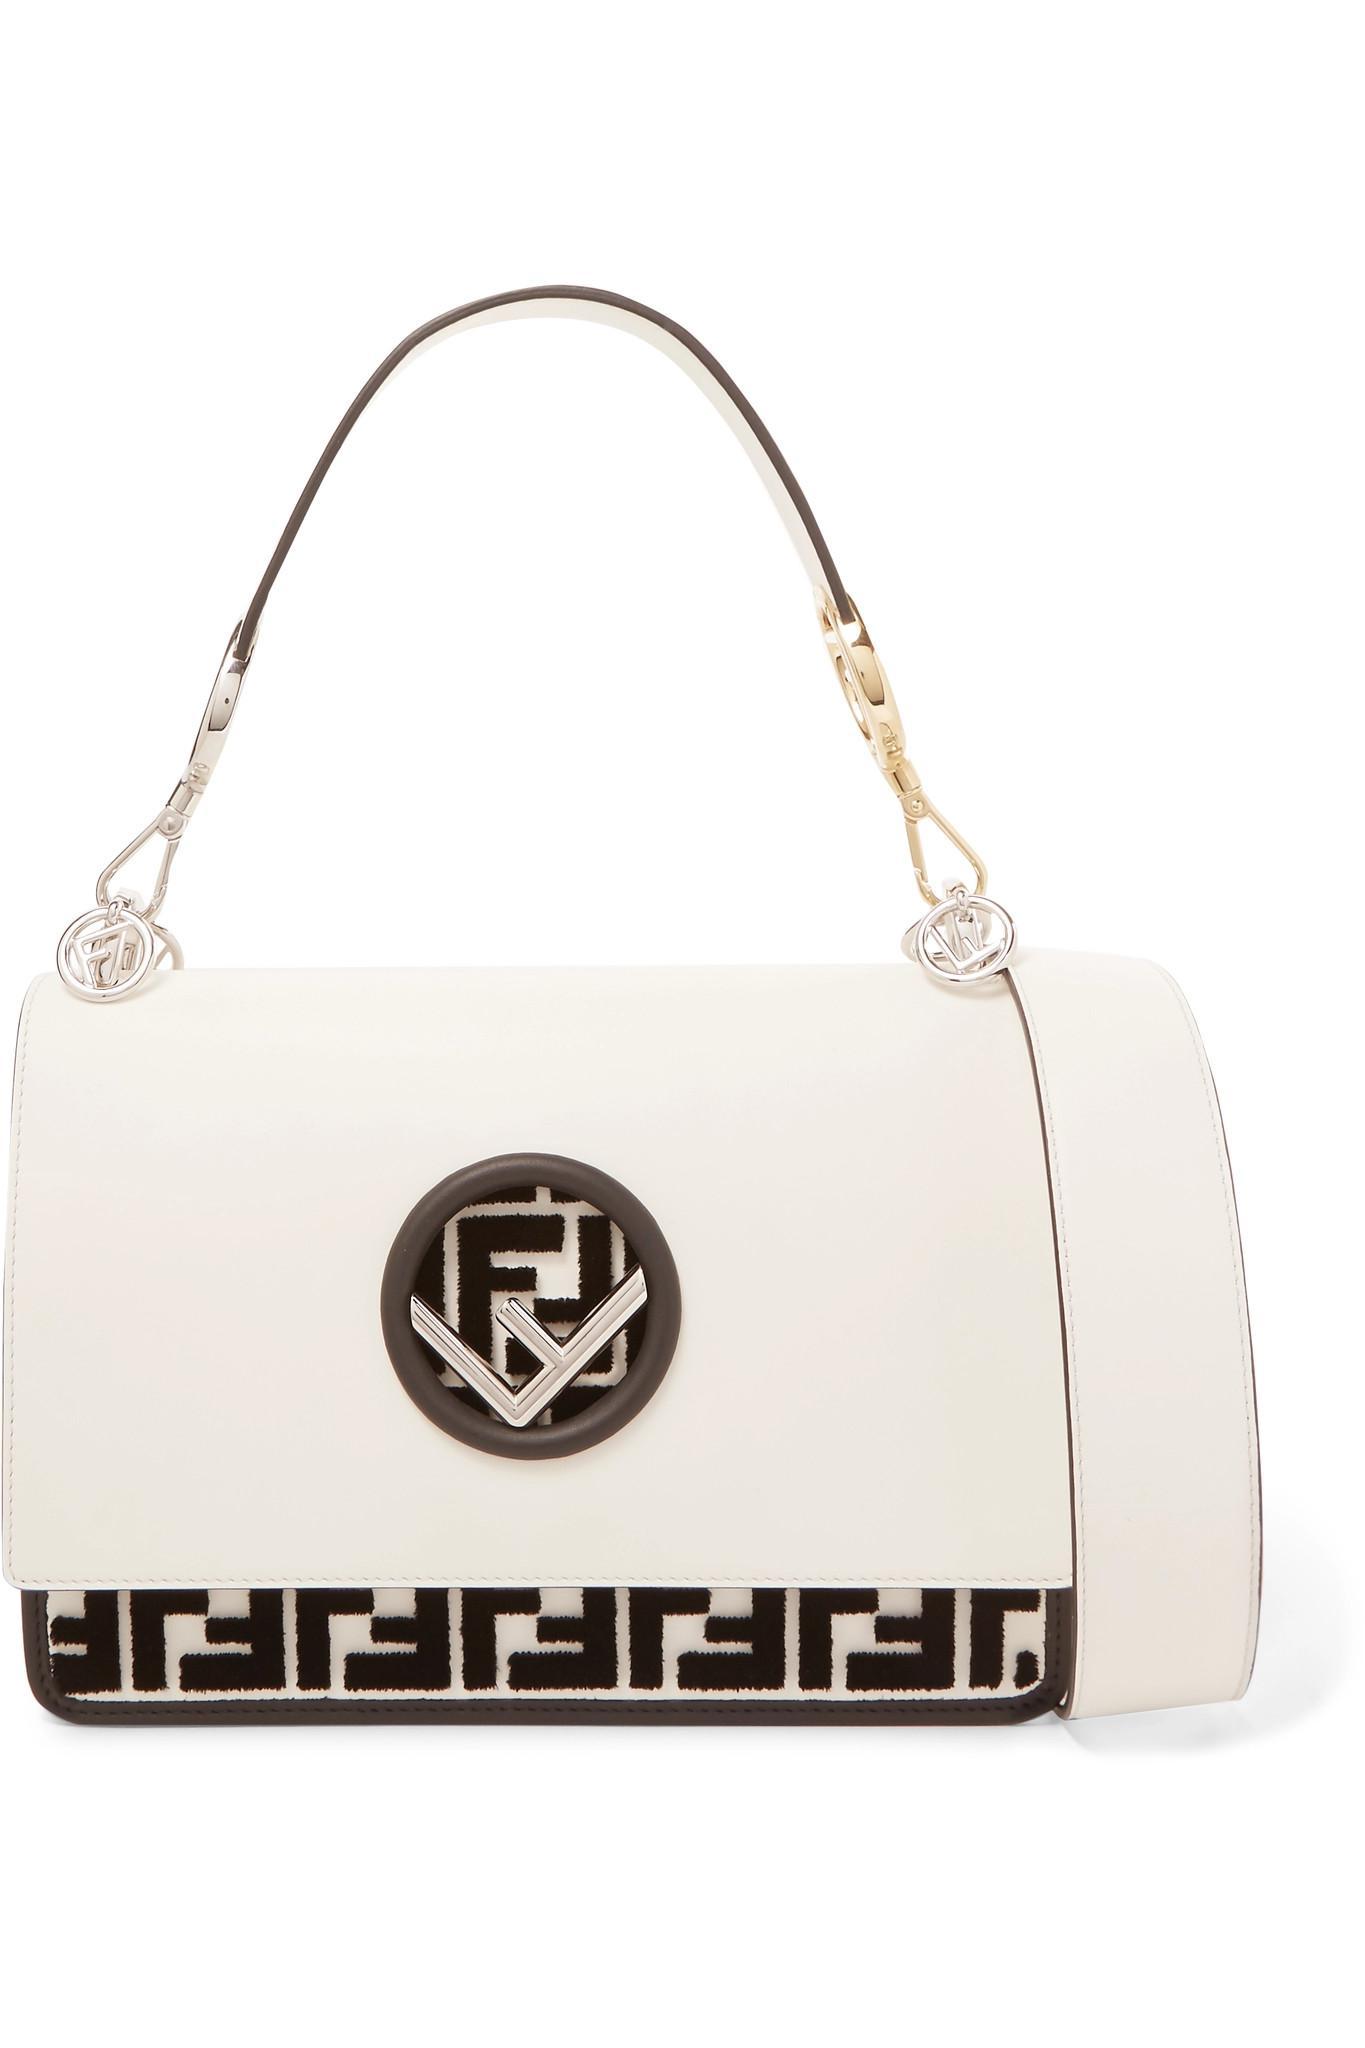 db73648131 Fendi Kan I Flocked Leather Shoulder Bag in White - Lyst